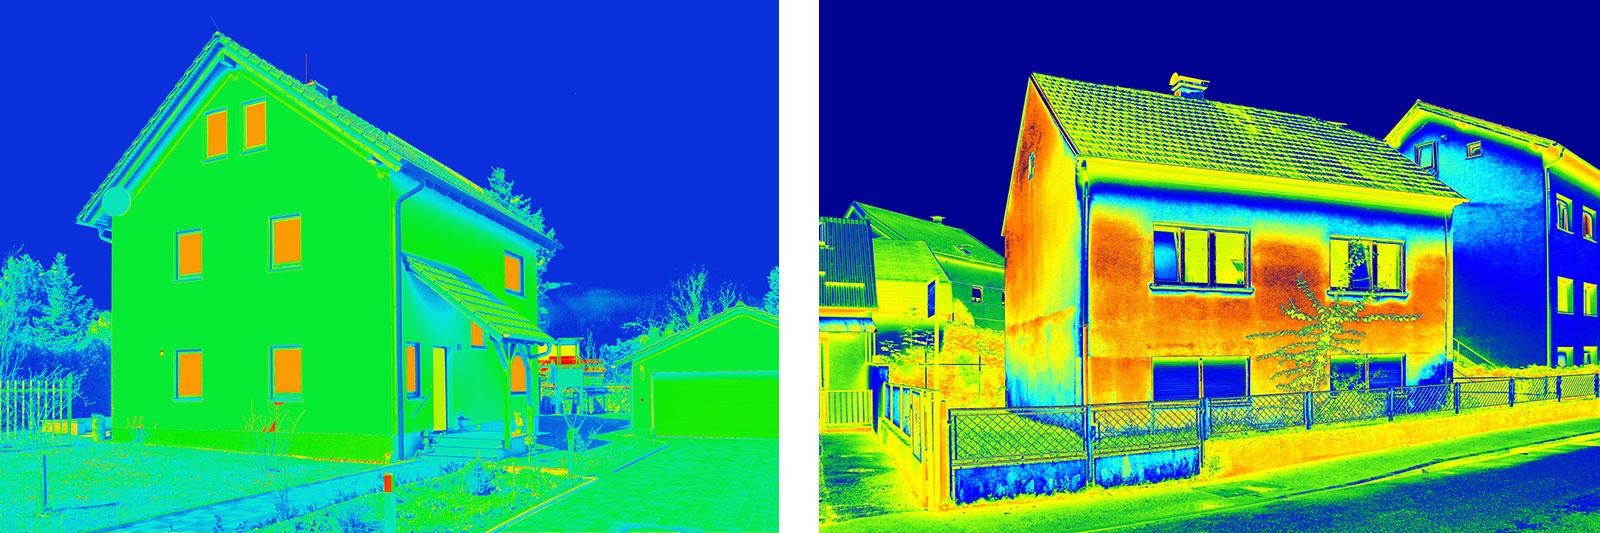 Thermografien von Häusern. Links: gute Wärmedämmung, rechts: mangelhafte Dämmung